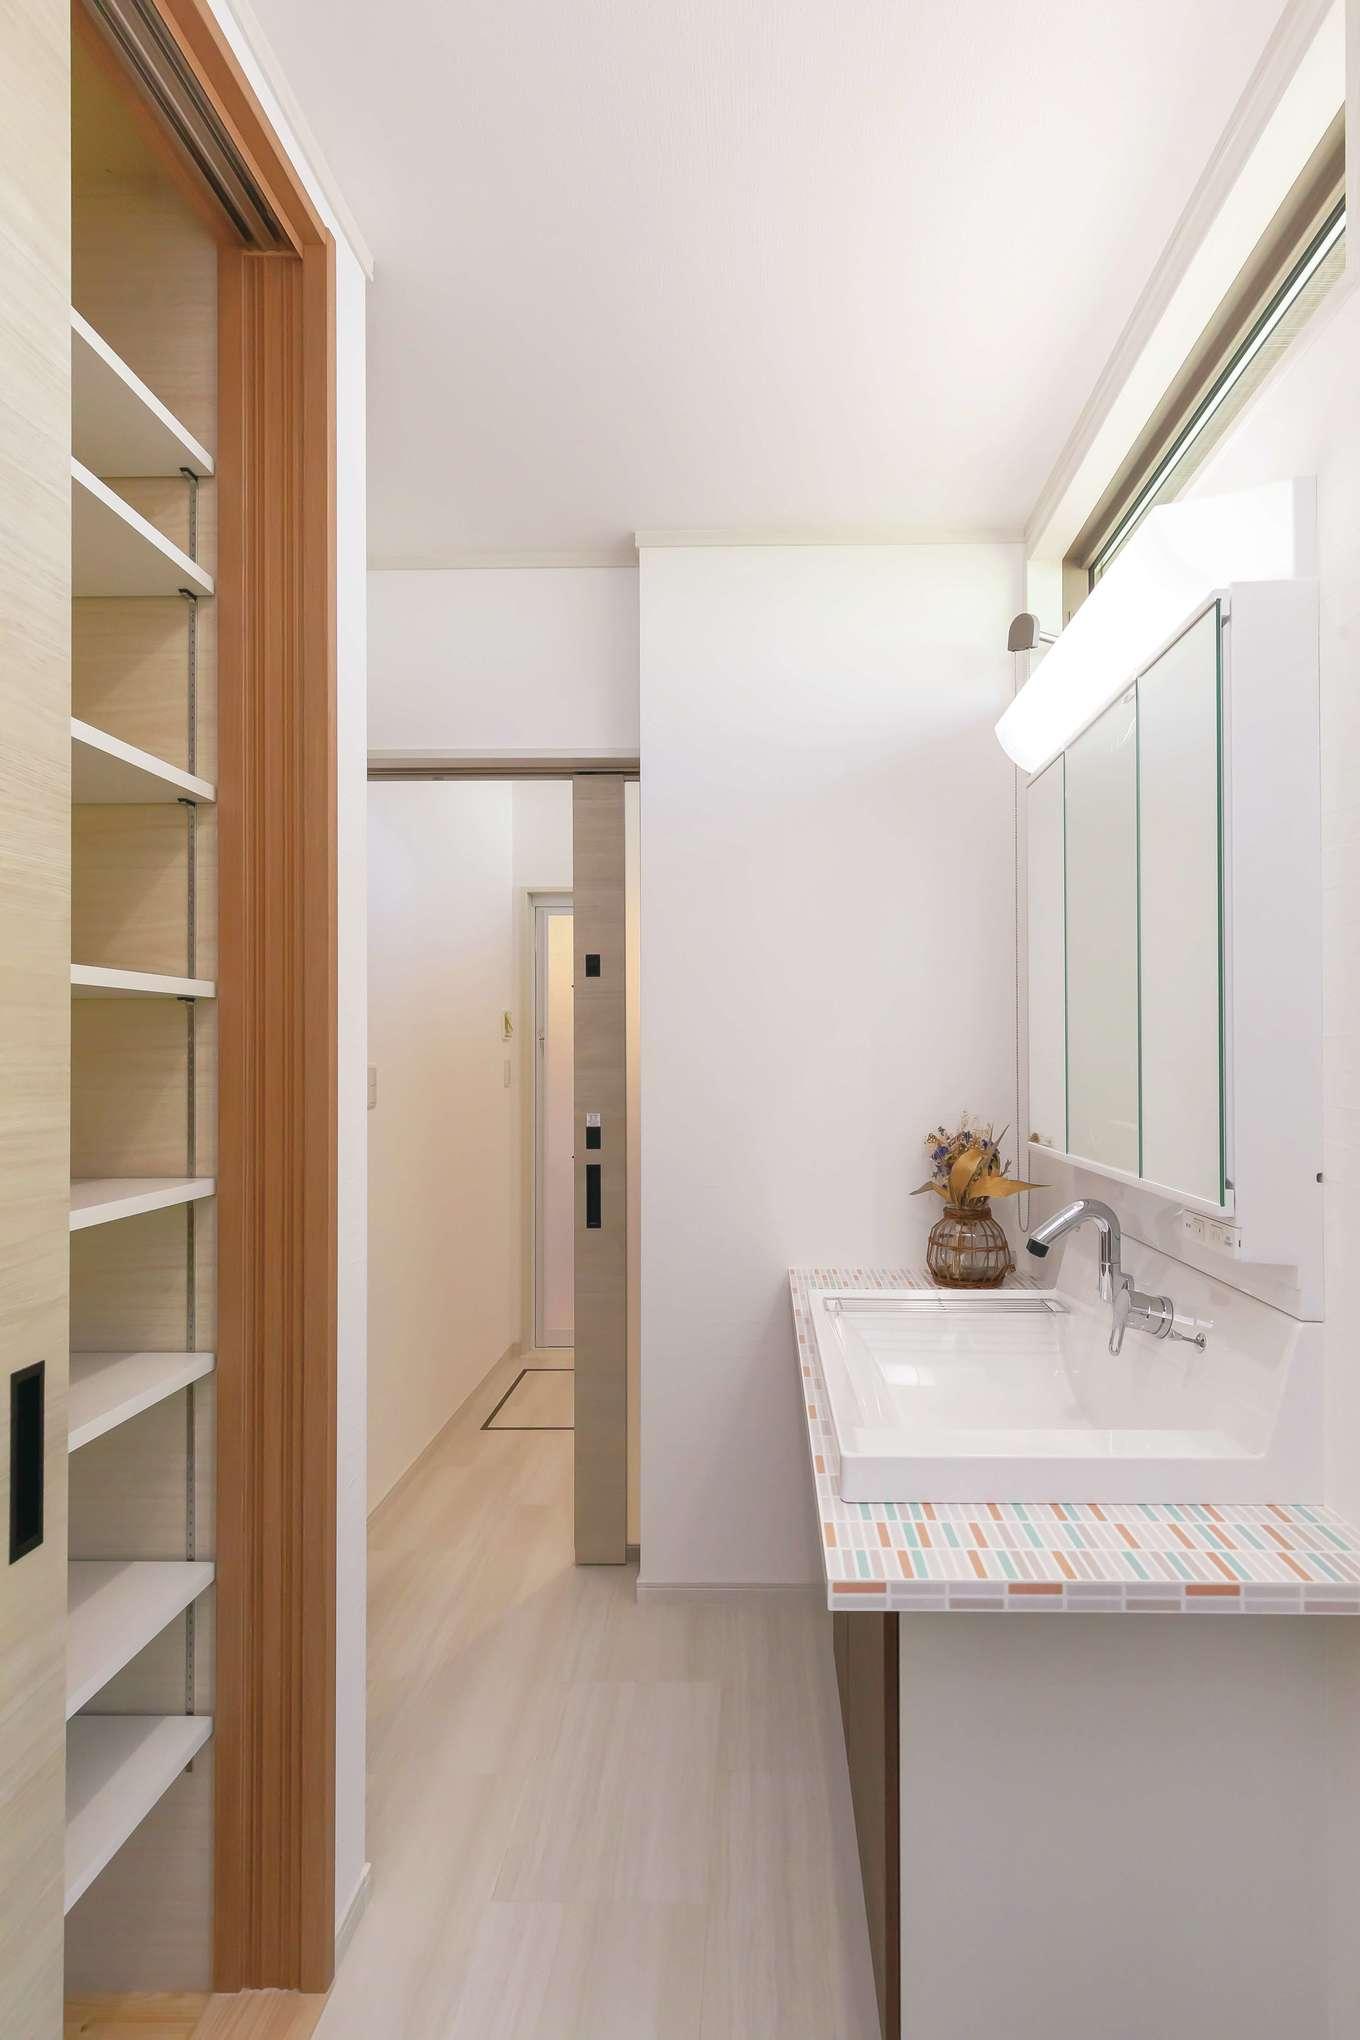 住まいるコーポレーション【デザイン住宅、自然素材、間取り】背面に大きな収納がある洗面スペースは、玄関からキッチンへ通り抜けられる場所に配置。勝手口もあり、移動がラクラク